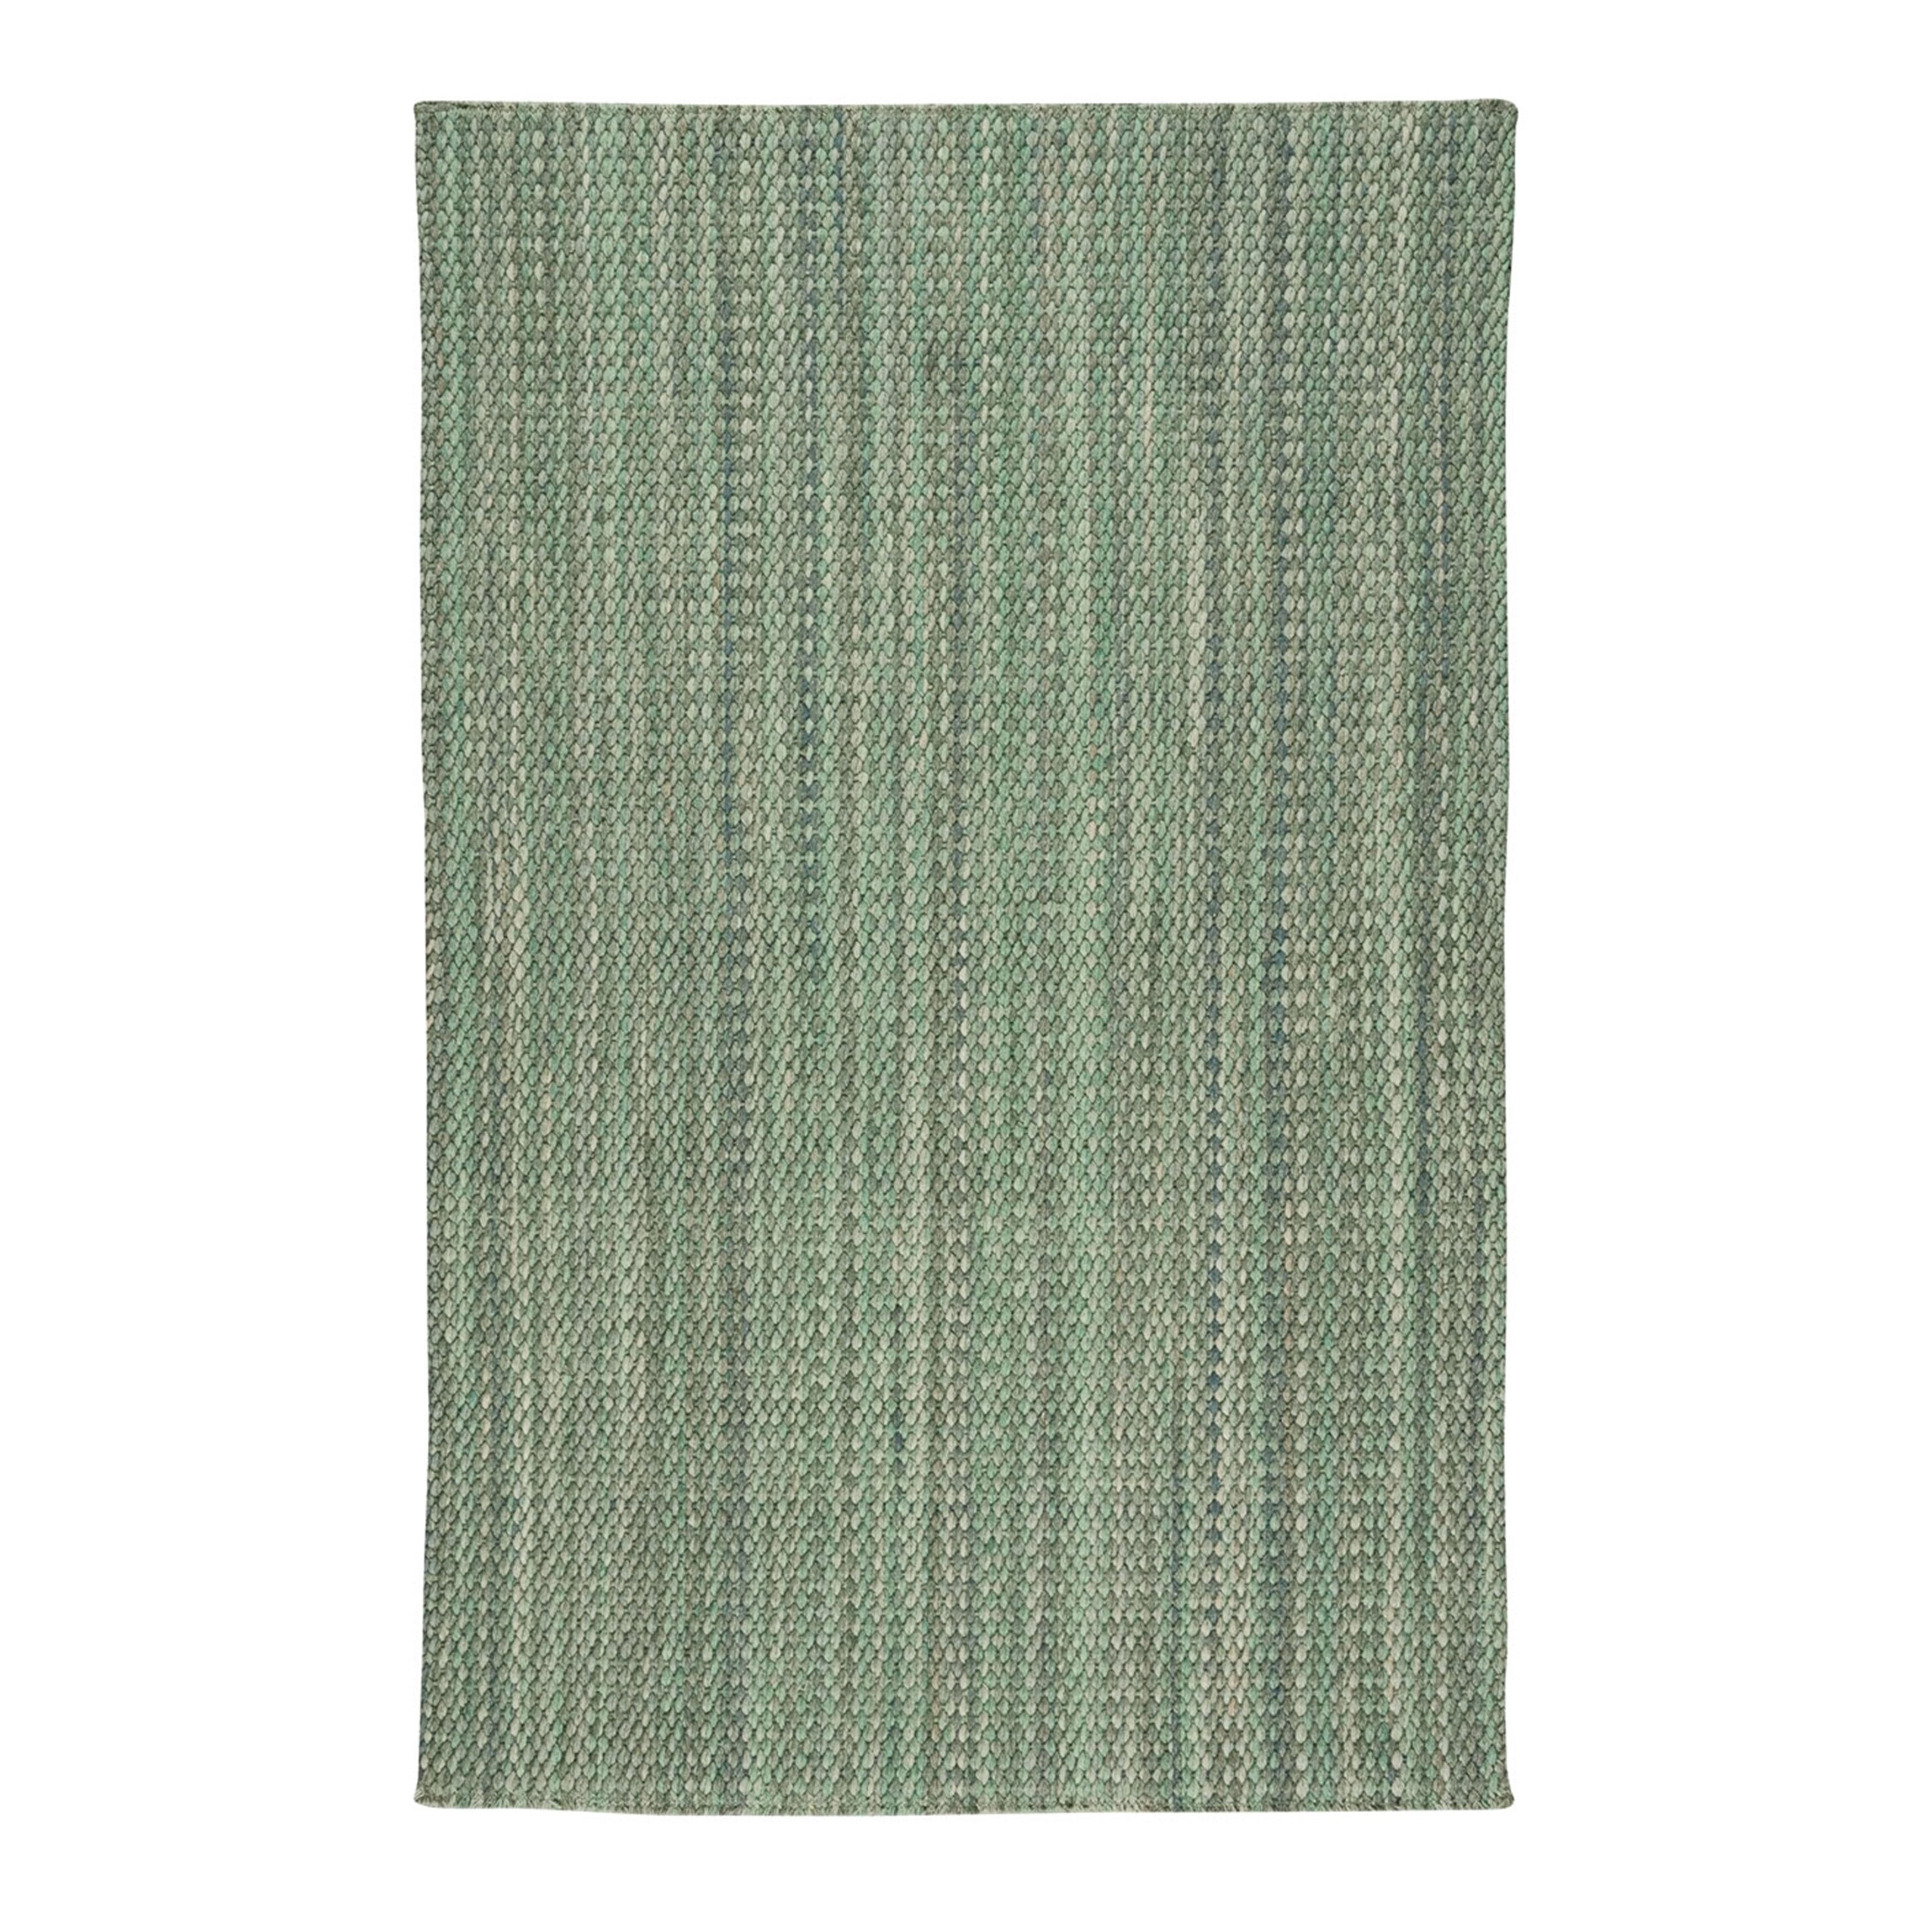 Light Green Flat Woven Vertical Stripe